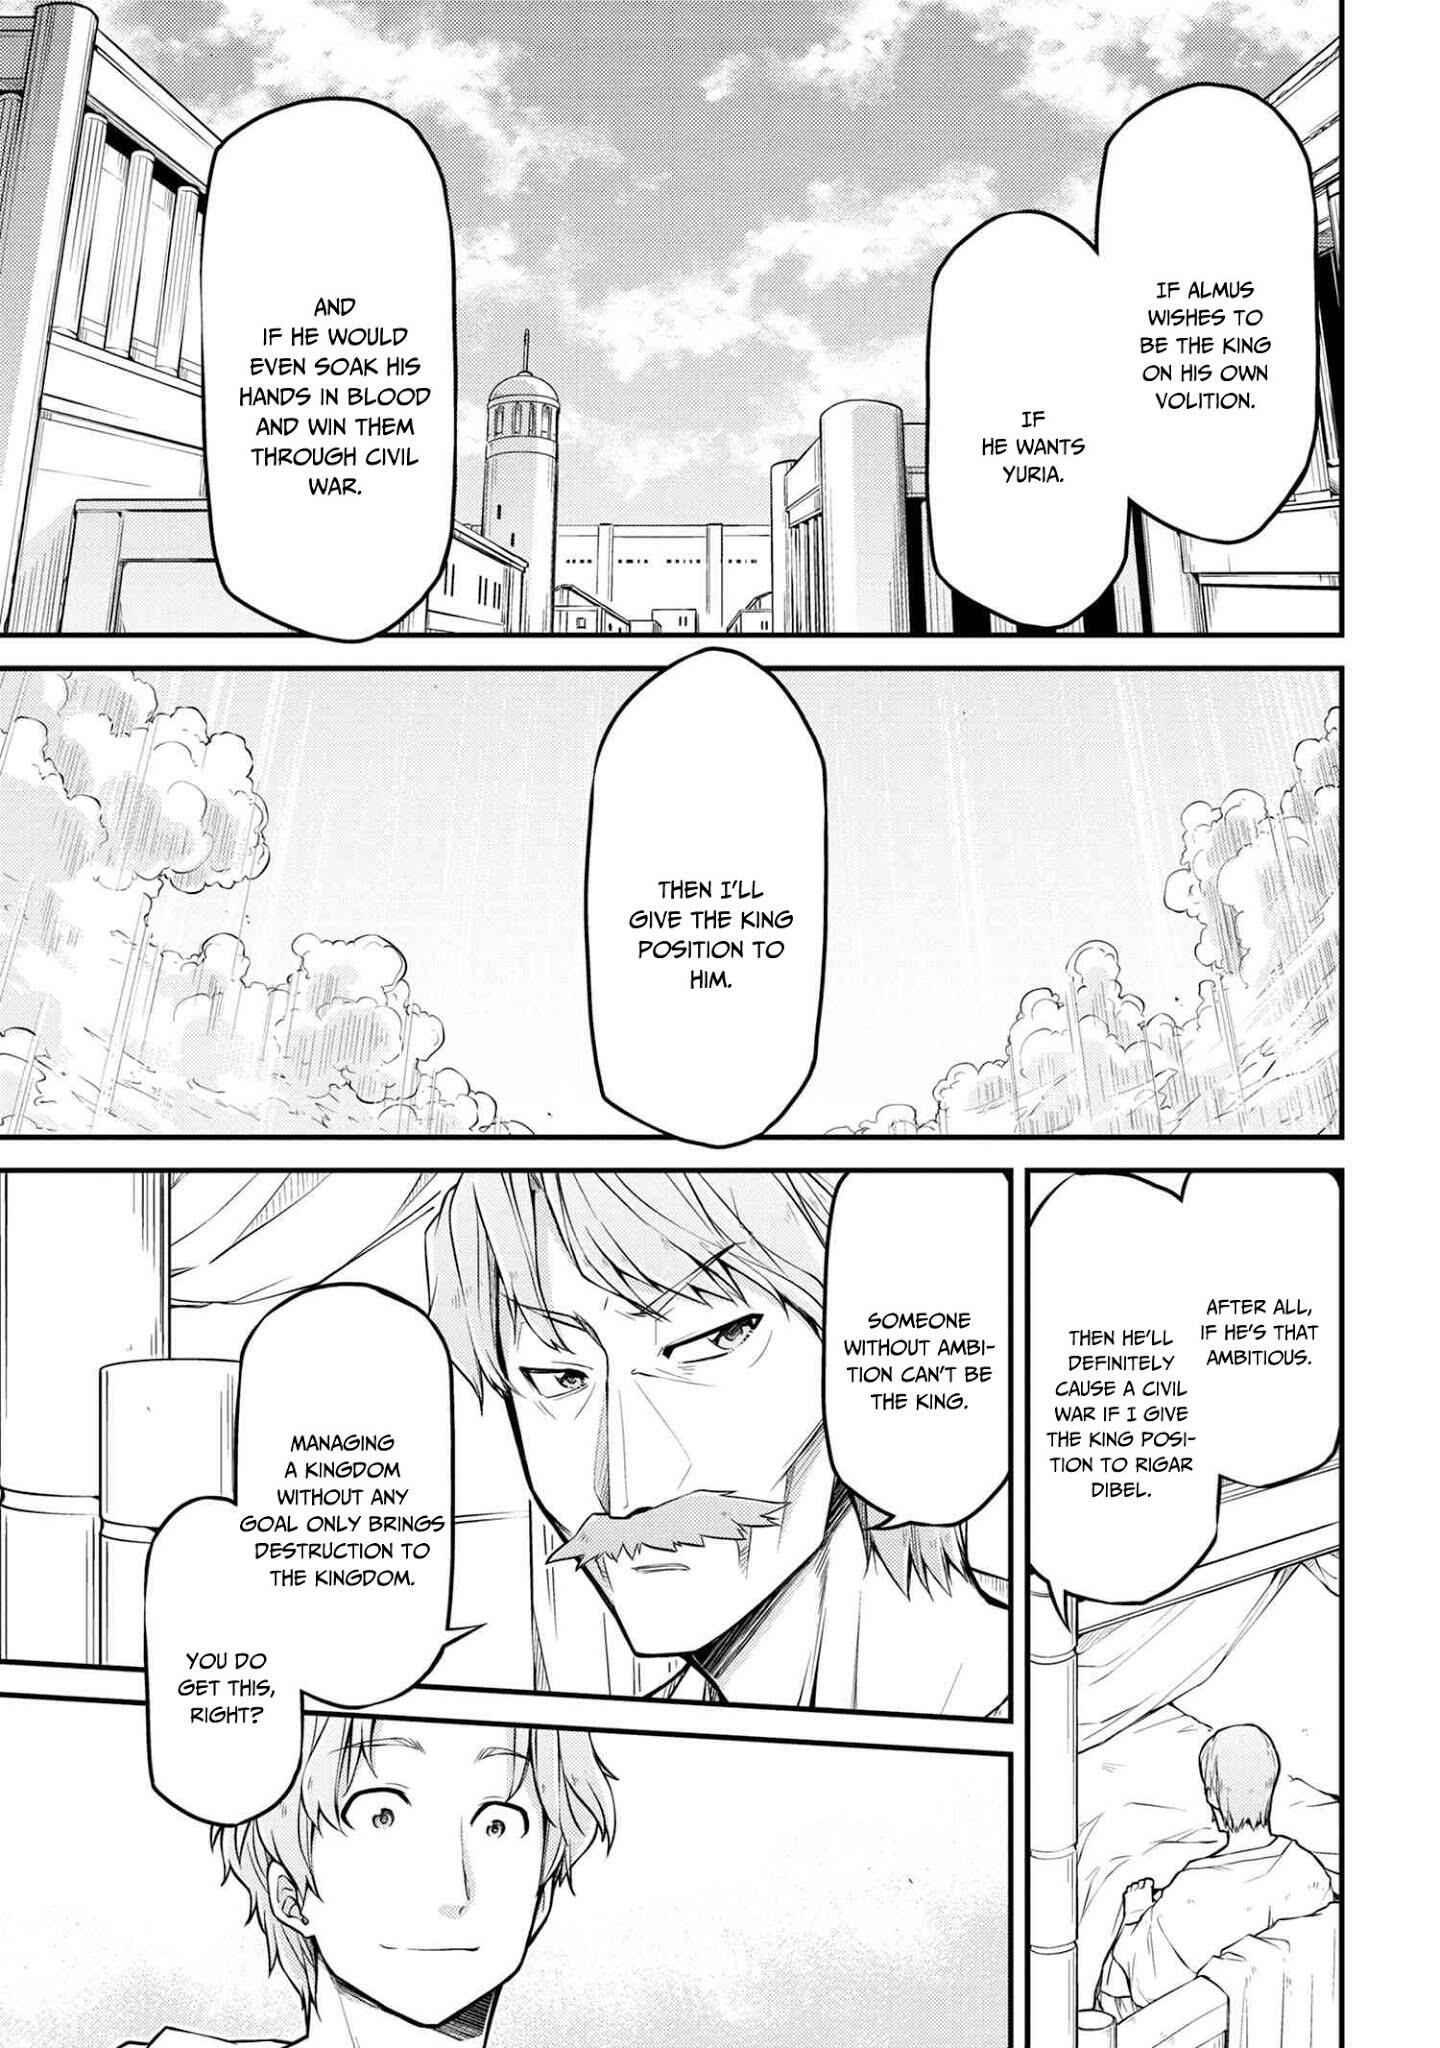 Isekai Kenkokuki - chapter 30.1-eng-li